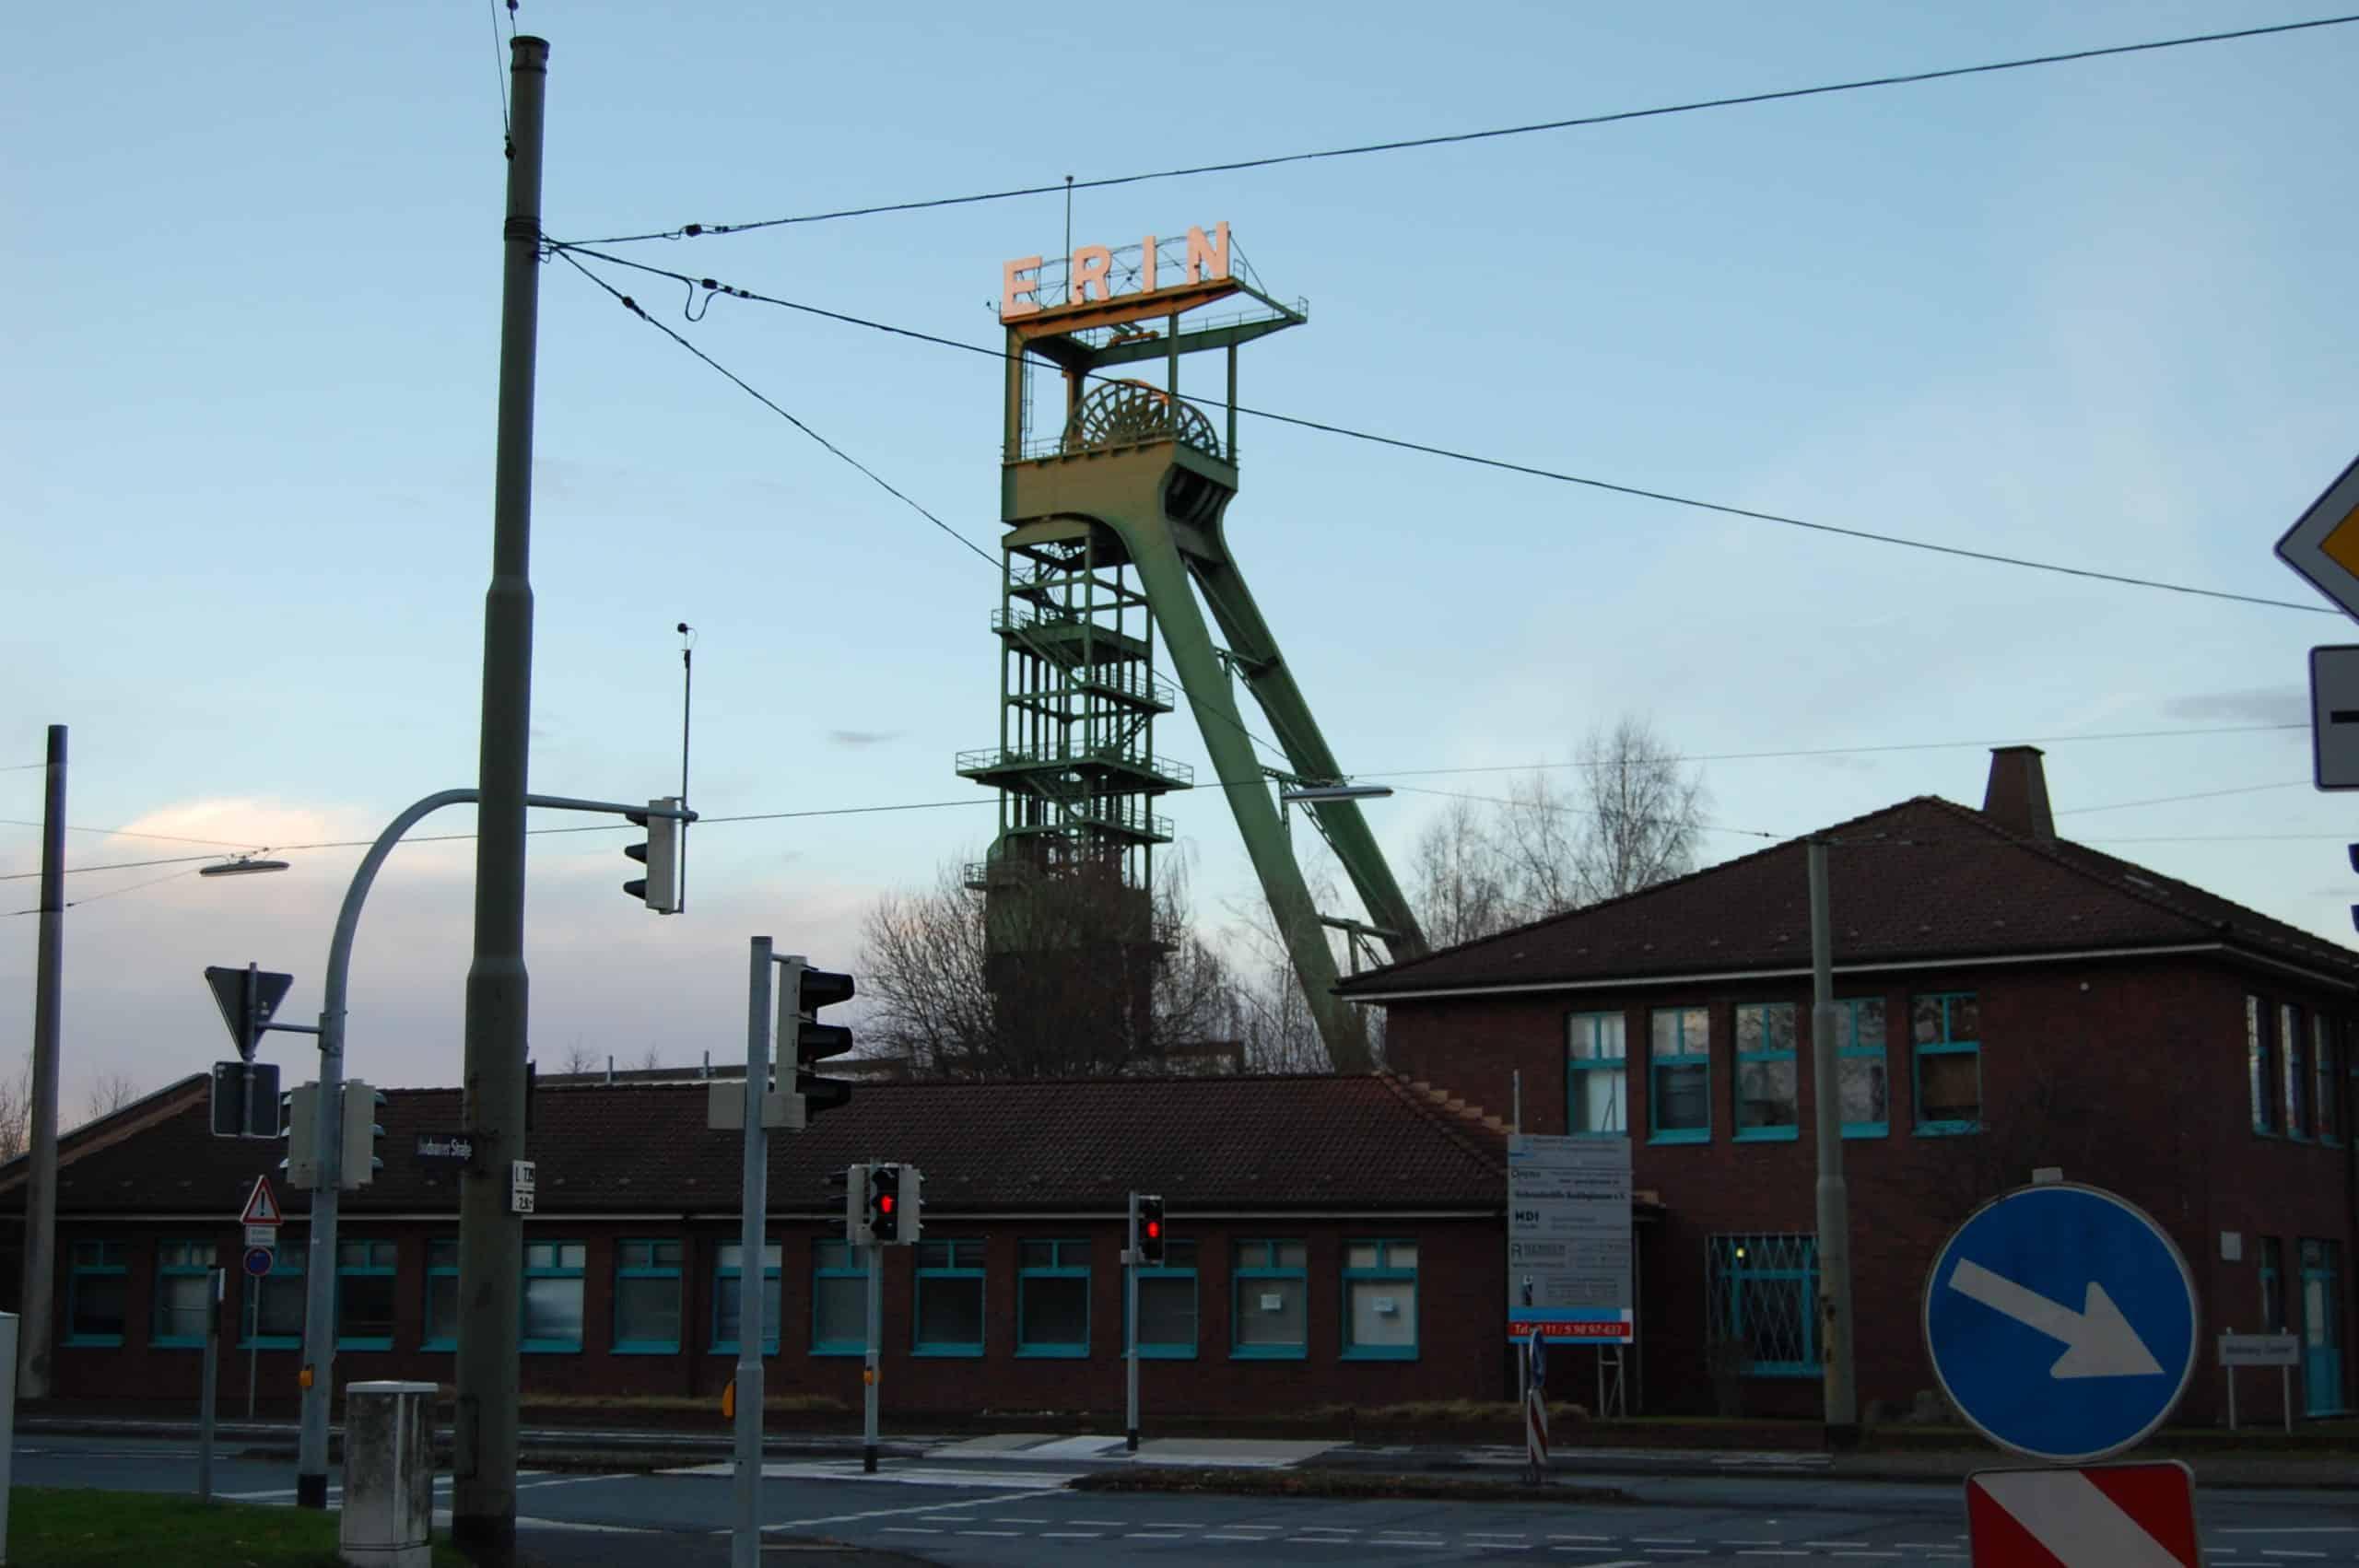 Förderturm Zeche Erin in Castrop-Rauxel, Foto: Revierkohle